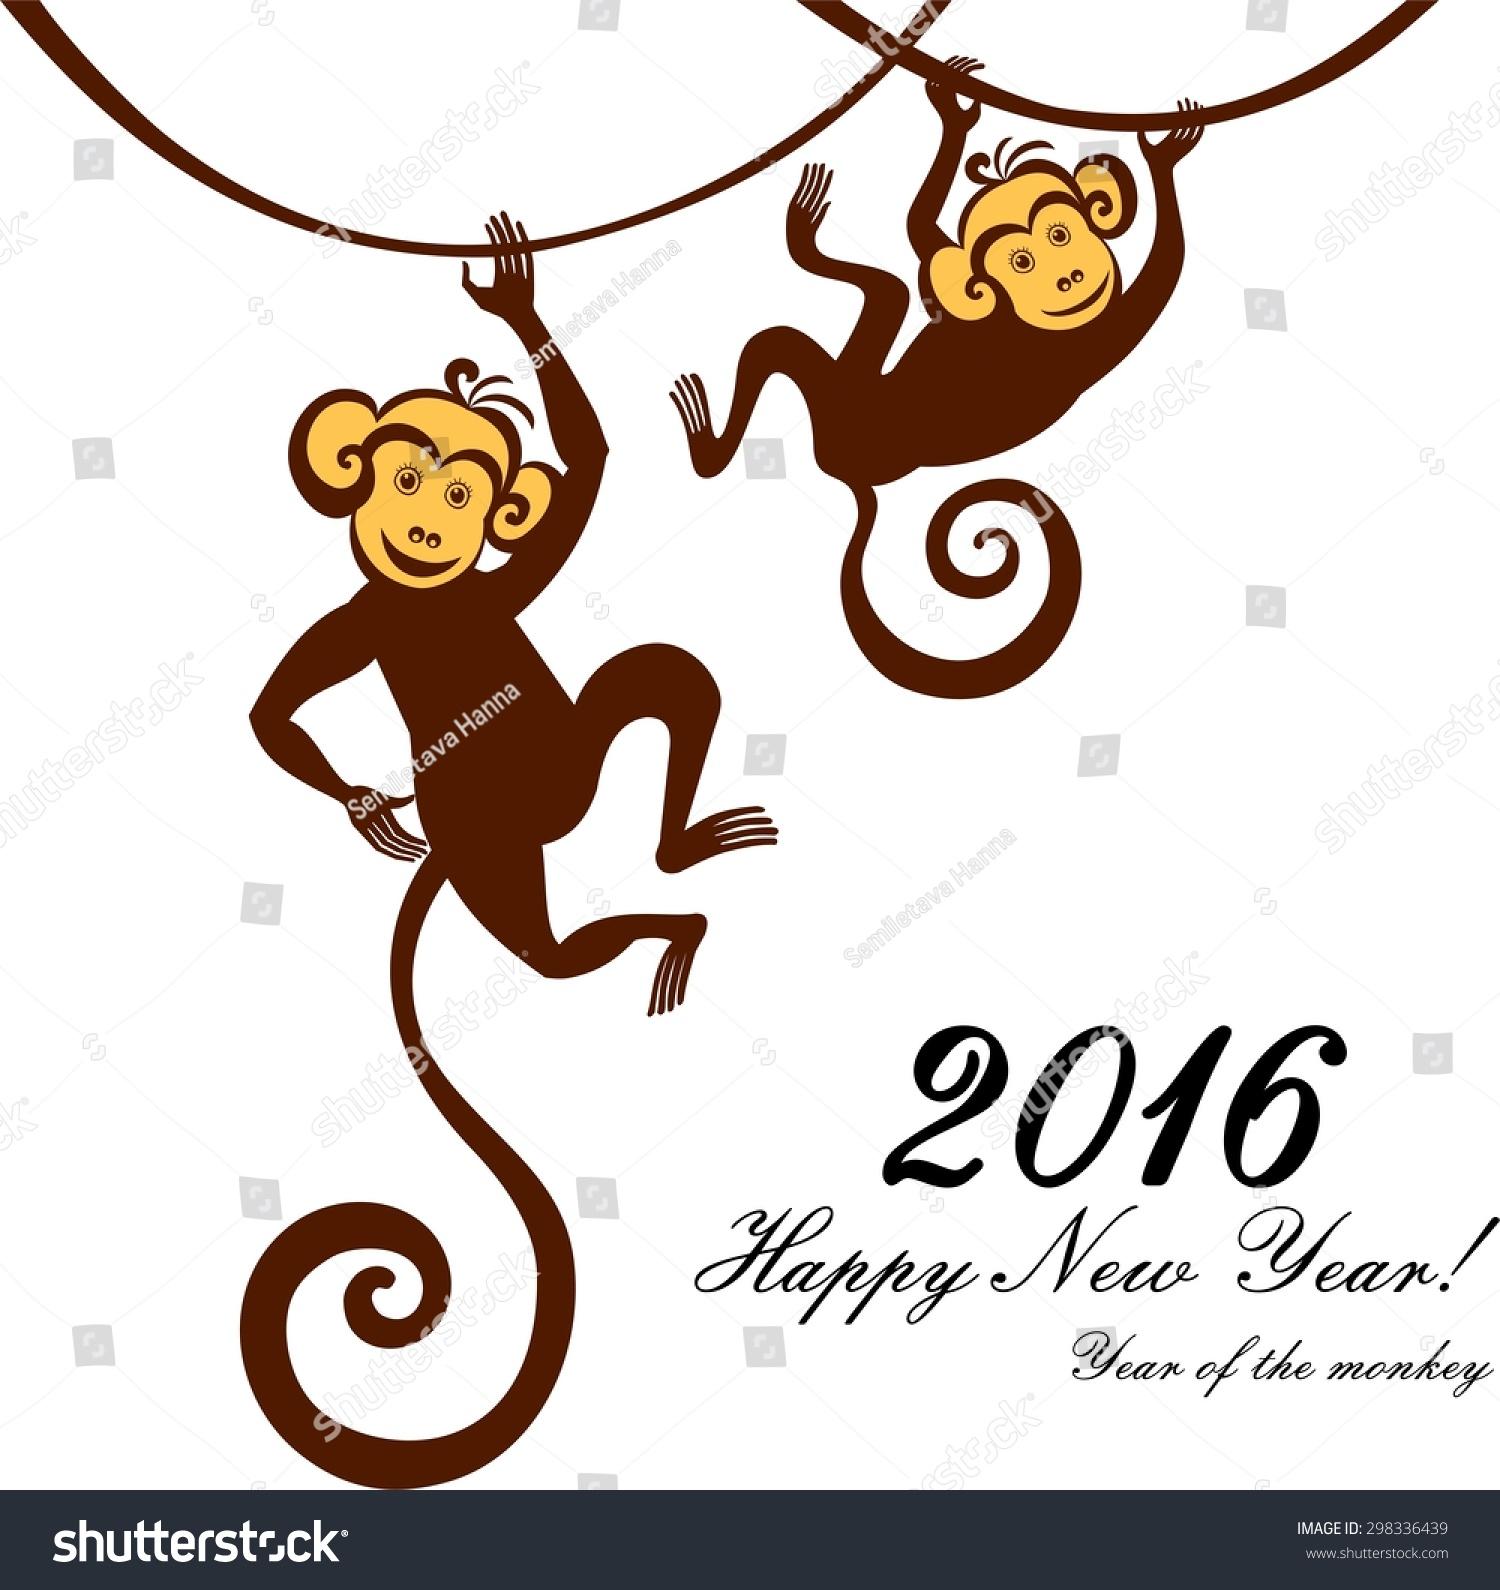 2016年新年快乐.年的猴子.插图-动物/野生生物,假期